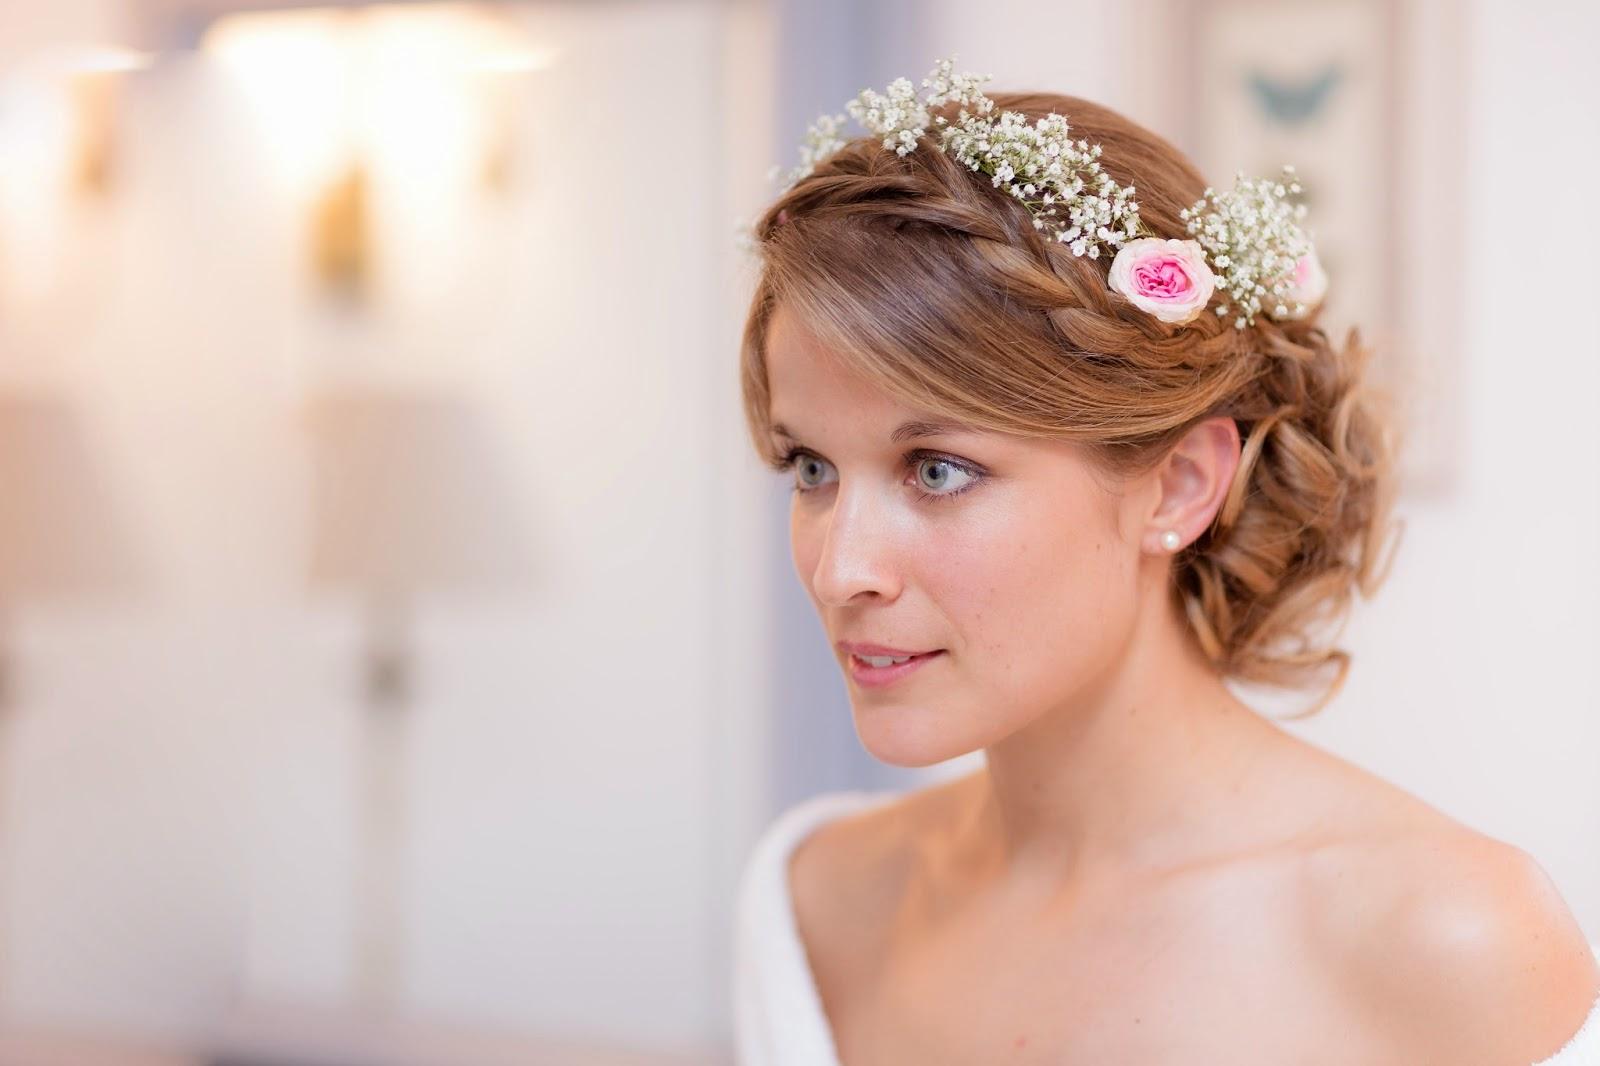 صور صور تسريحات شعر للعروس تسريحات عرايس مع تاج 2019 , يوم فرحك يا عروسة اتزيني بشعرك وتاجك